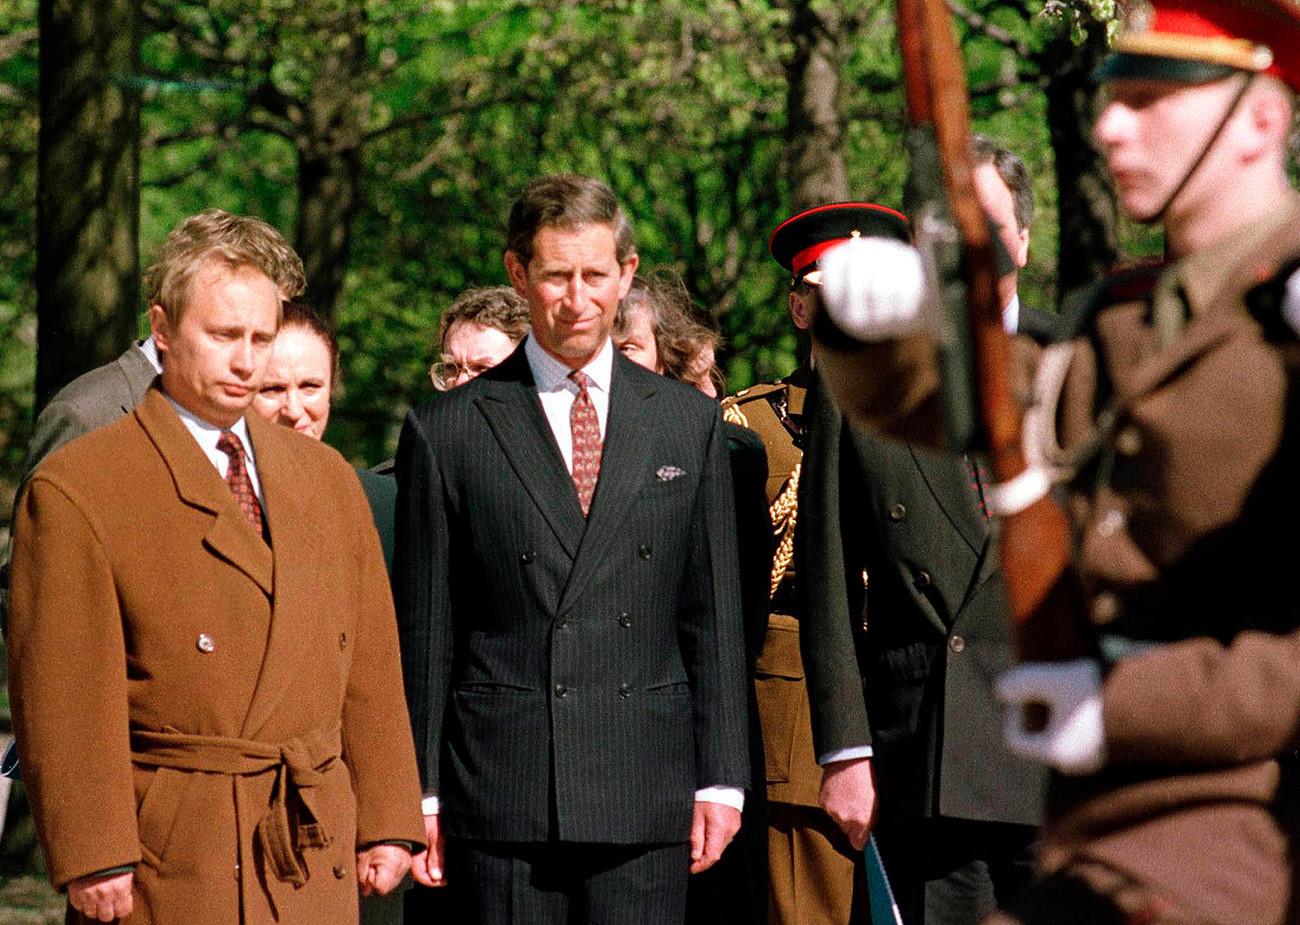 Putin e príncipe Charles durante cerimônia de colocação de coroa de flores no cemitério Piskarevskoe, em São Petersburgo-